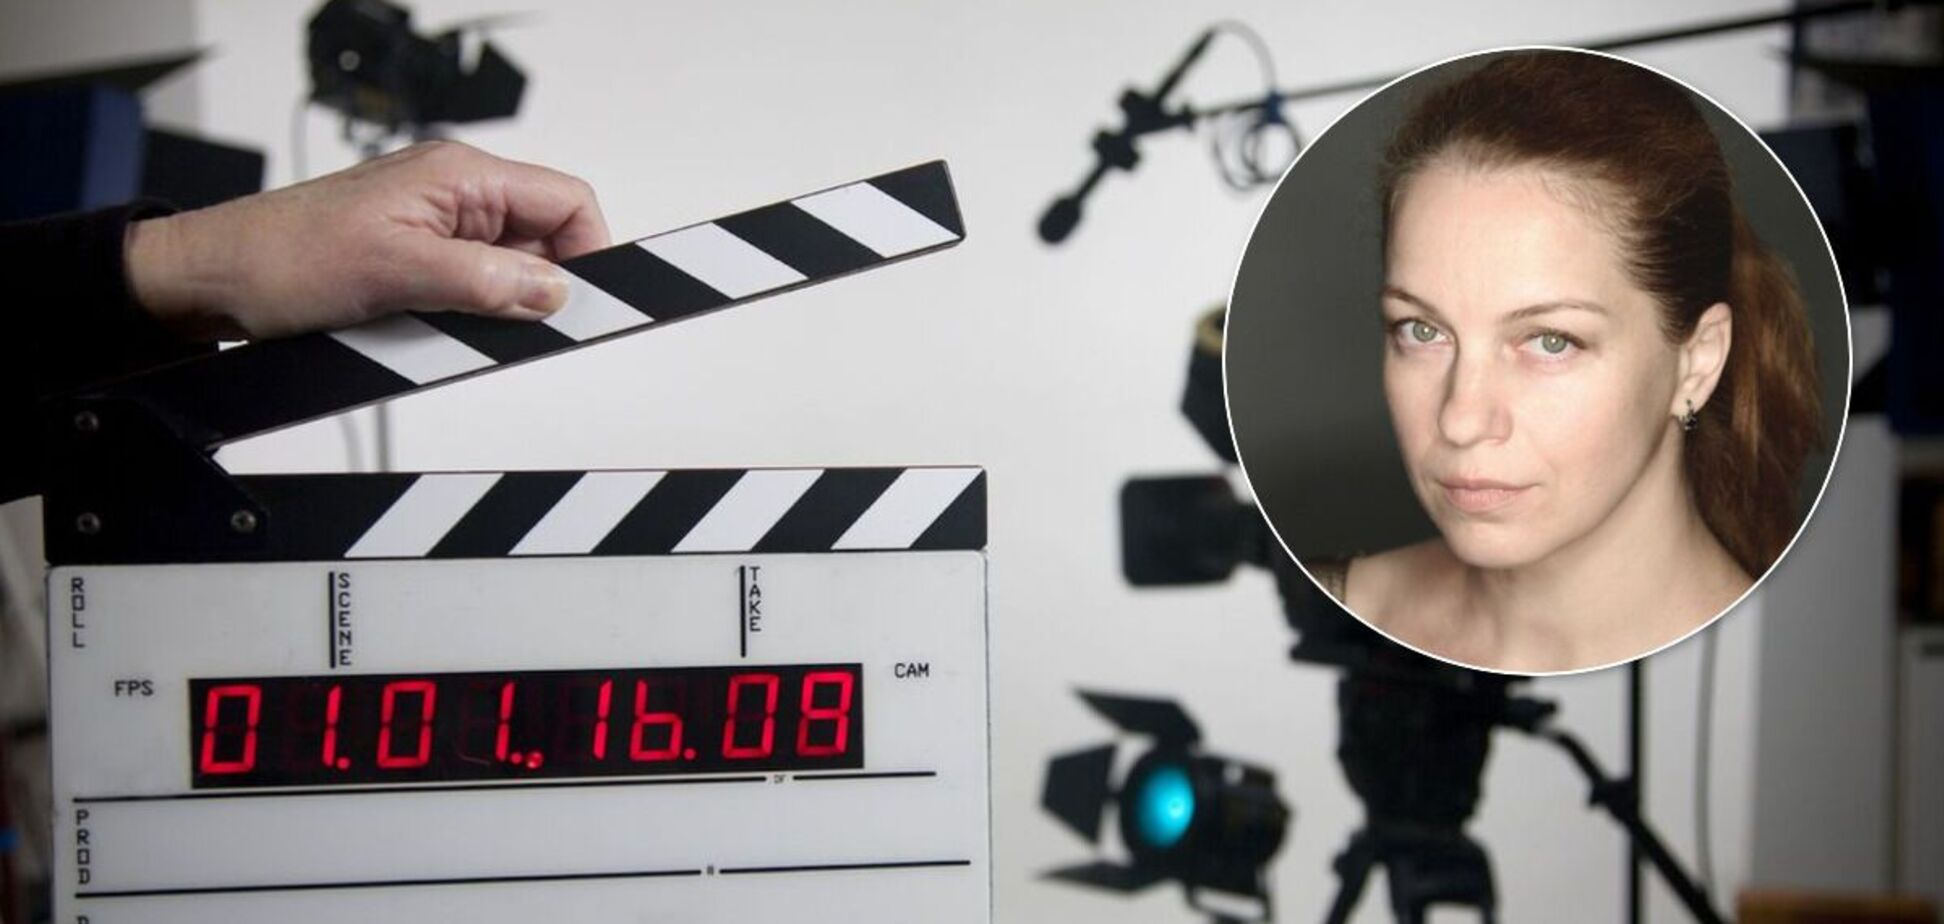 Украинский кастинг-директор высказалась о массовом засилье актеров из РФ в Киеве